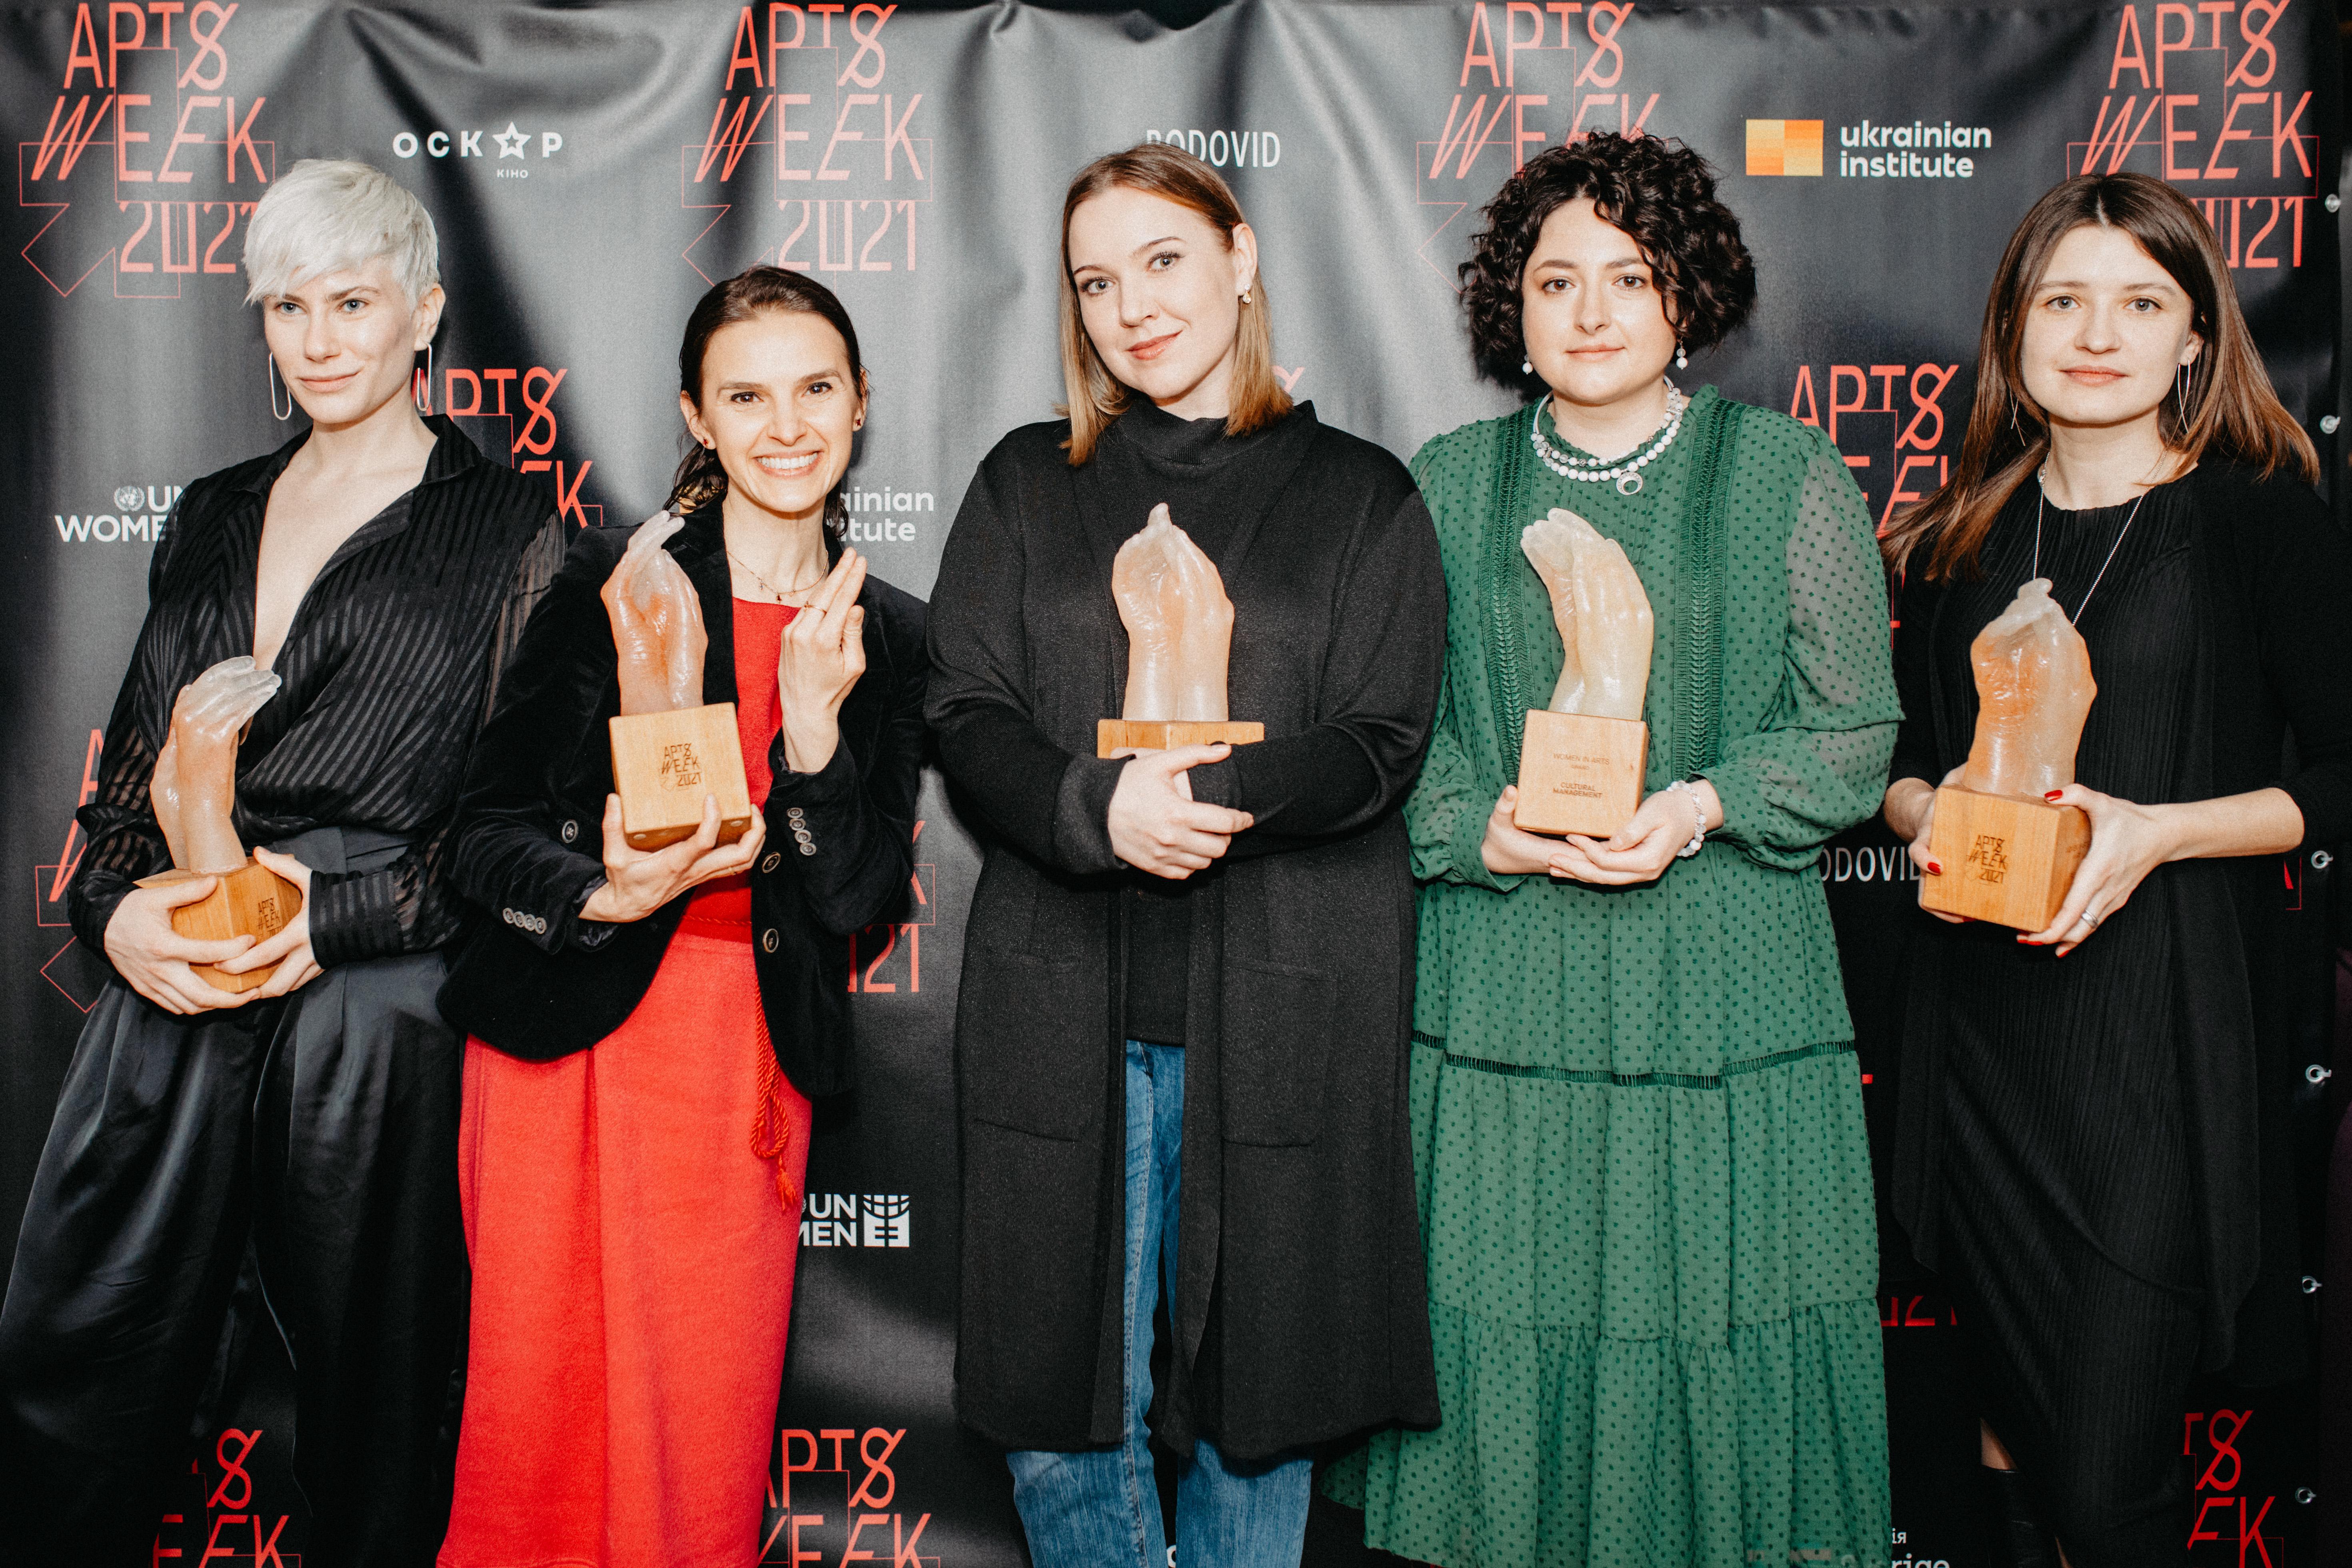 Премія Women in Arts росте та стає все більш впливовою в Україні